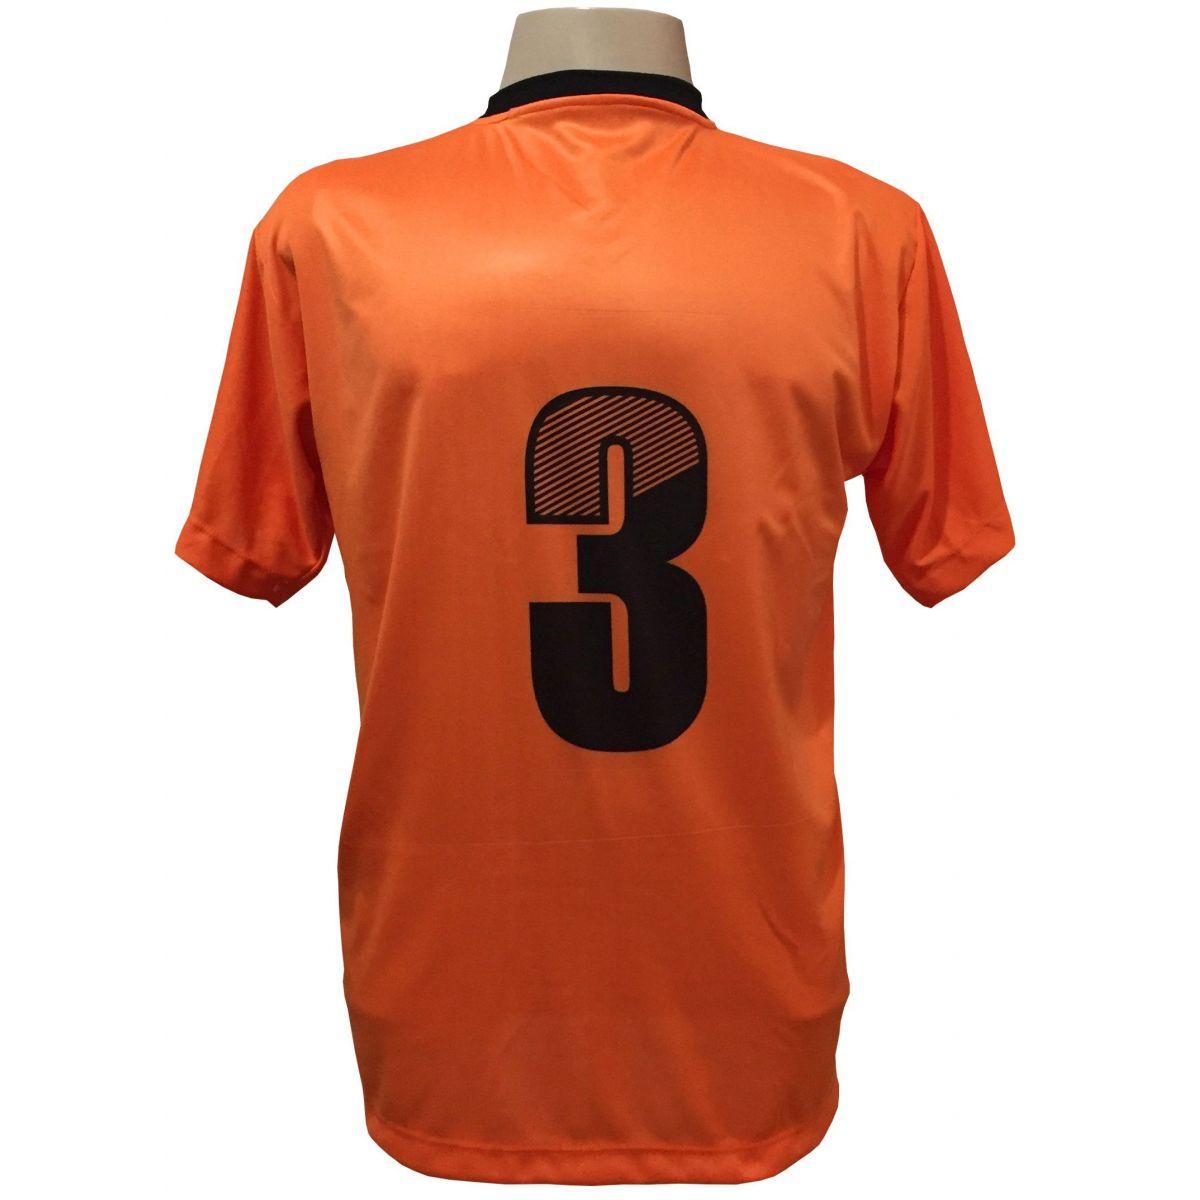 Uniforme Esportivo com 20 Camisas modelo Roma Laranja/Preto + 20 Calções modelo Madrid Preto